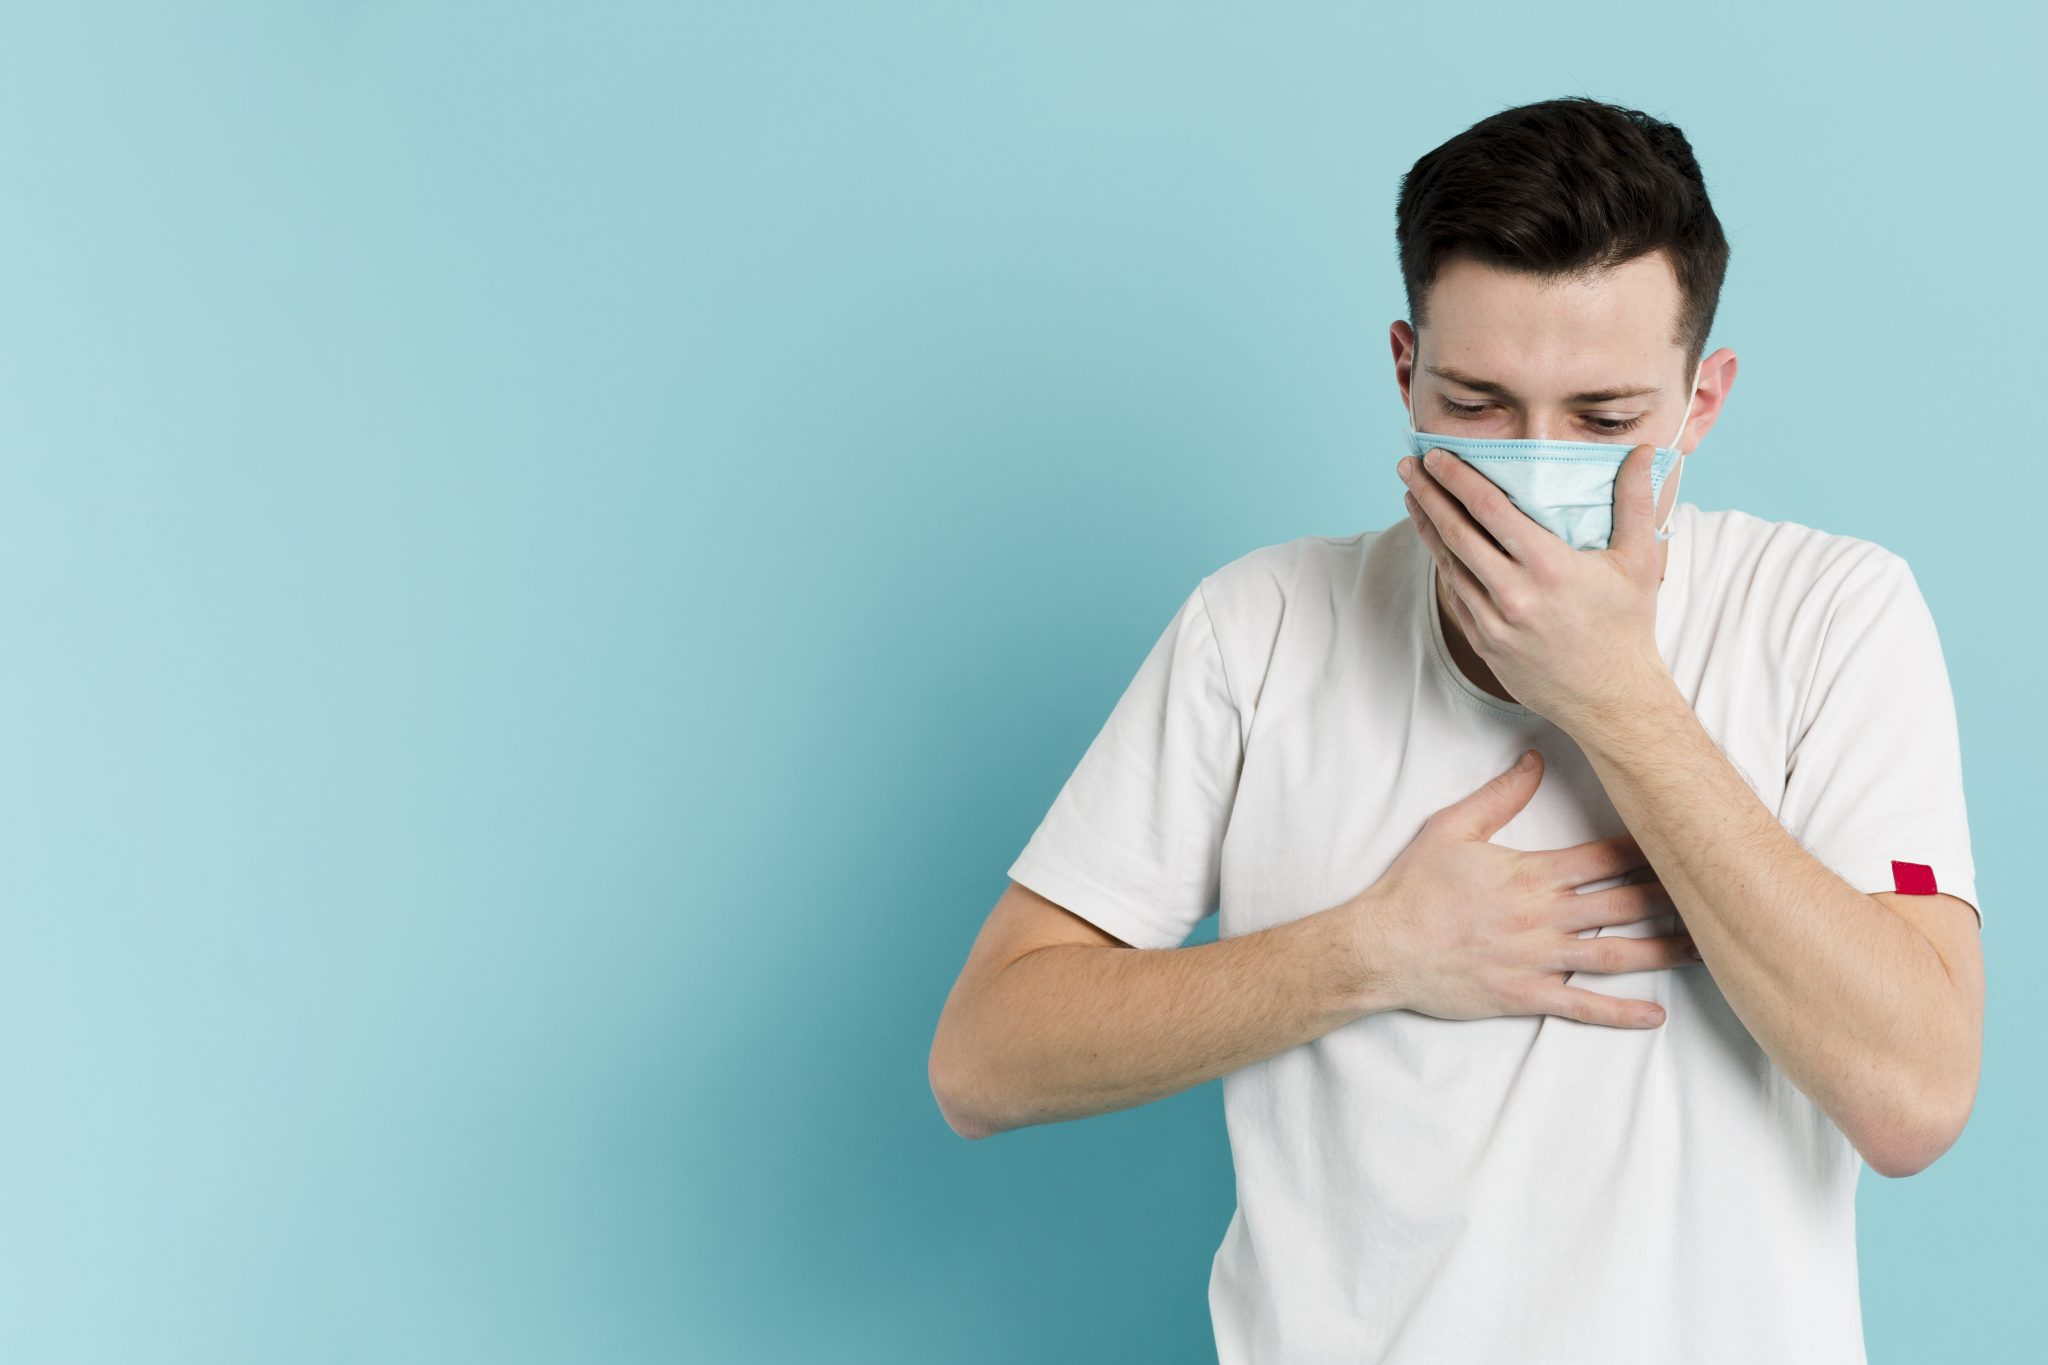 El coronavirus, detener la pandemia depende de vos